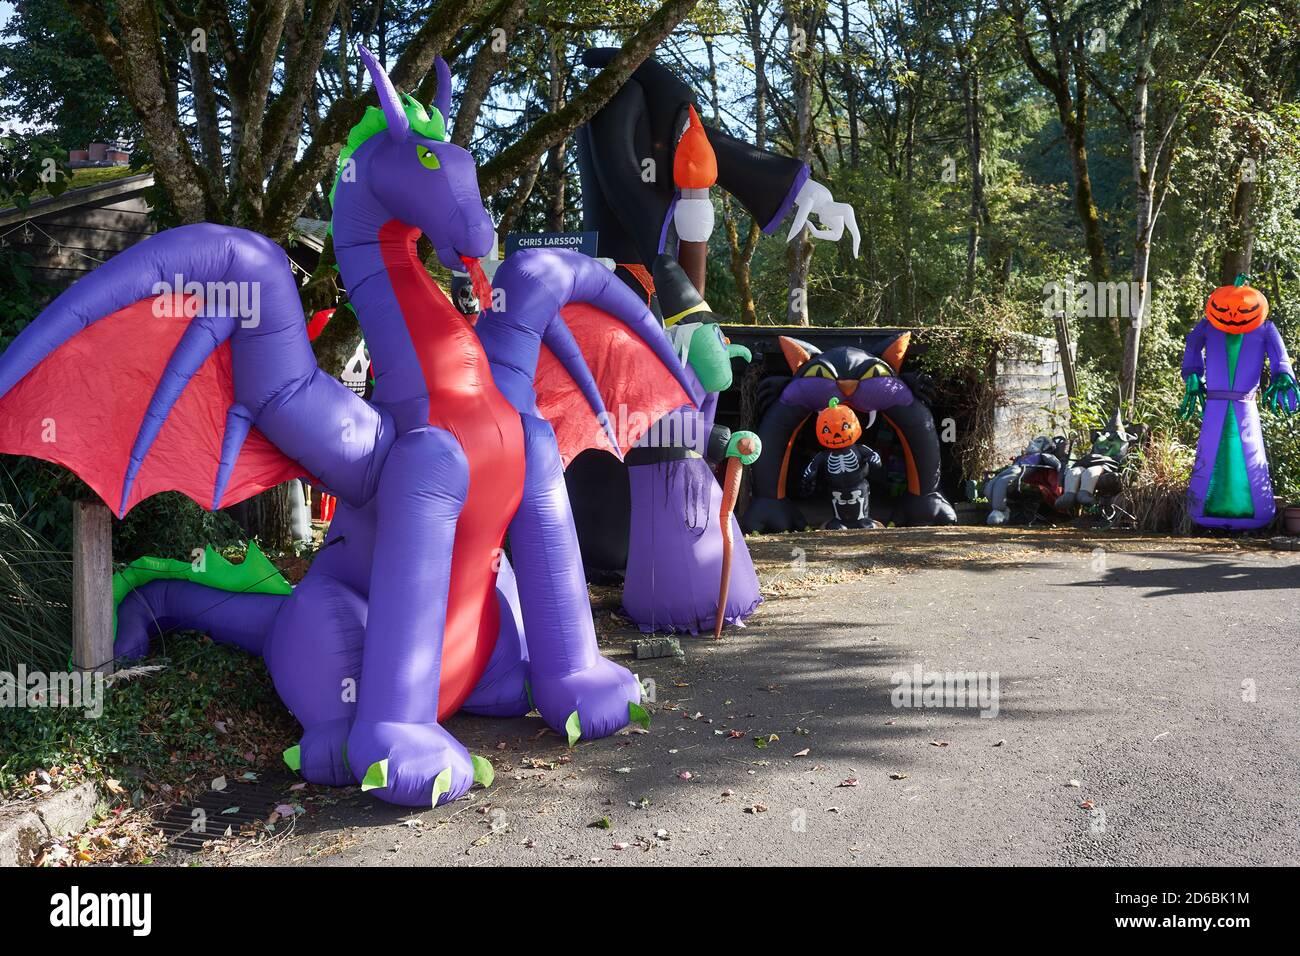 Casa decorada para Halloween con varias decoraciones inflables al aire libre en Lake Oswego, Oregon. Foto de stock